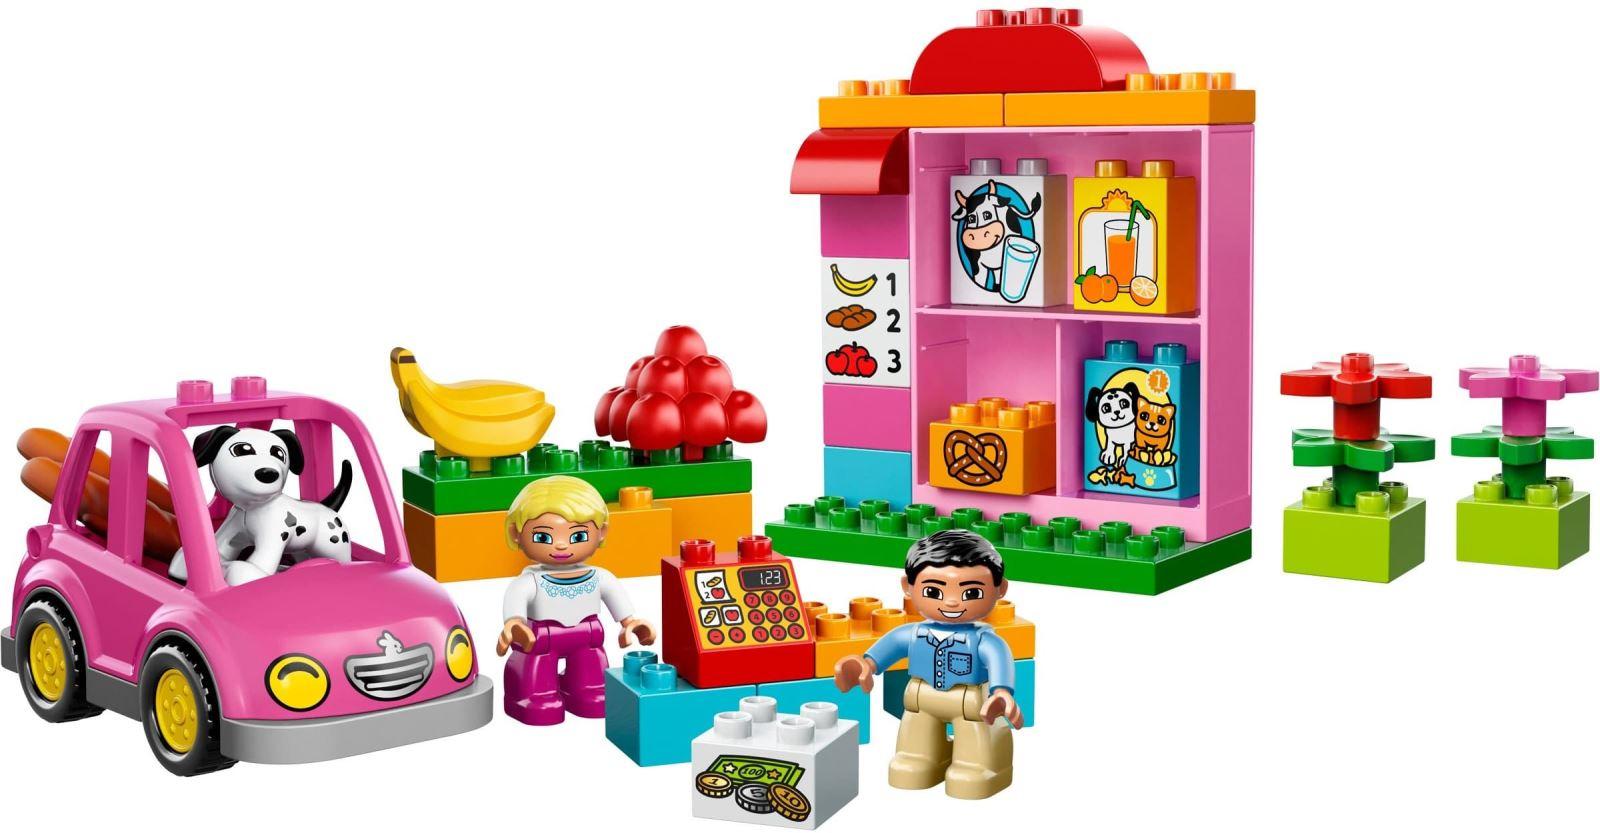 đồ chơi trẻ em nhập từ Trung Quốc